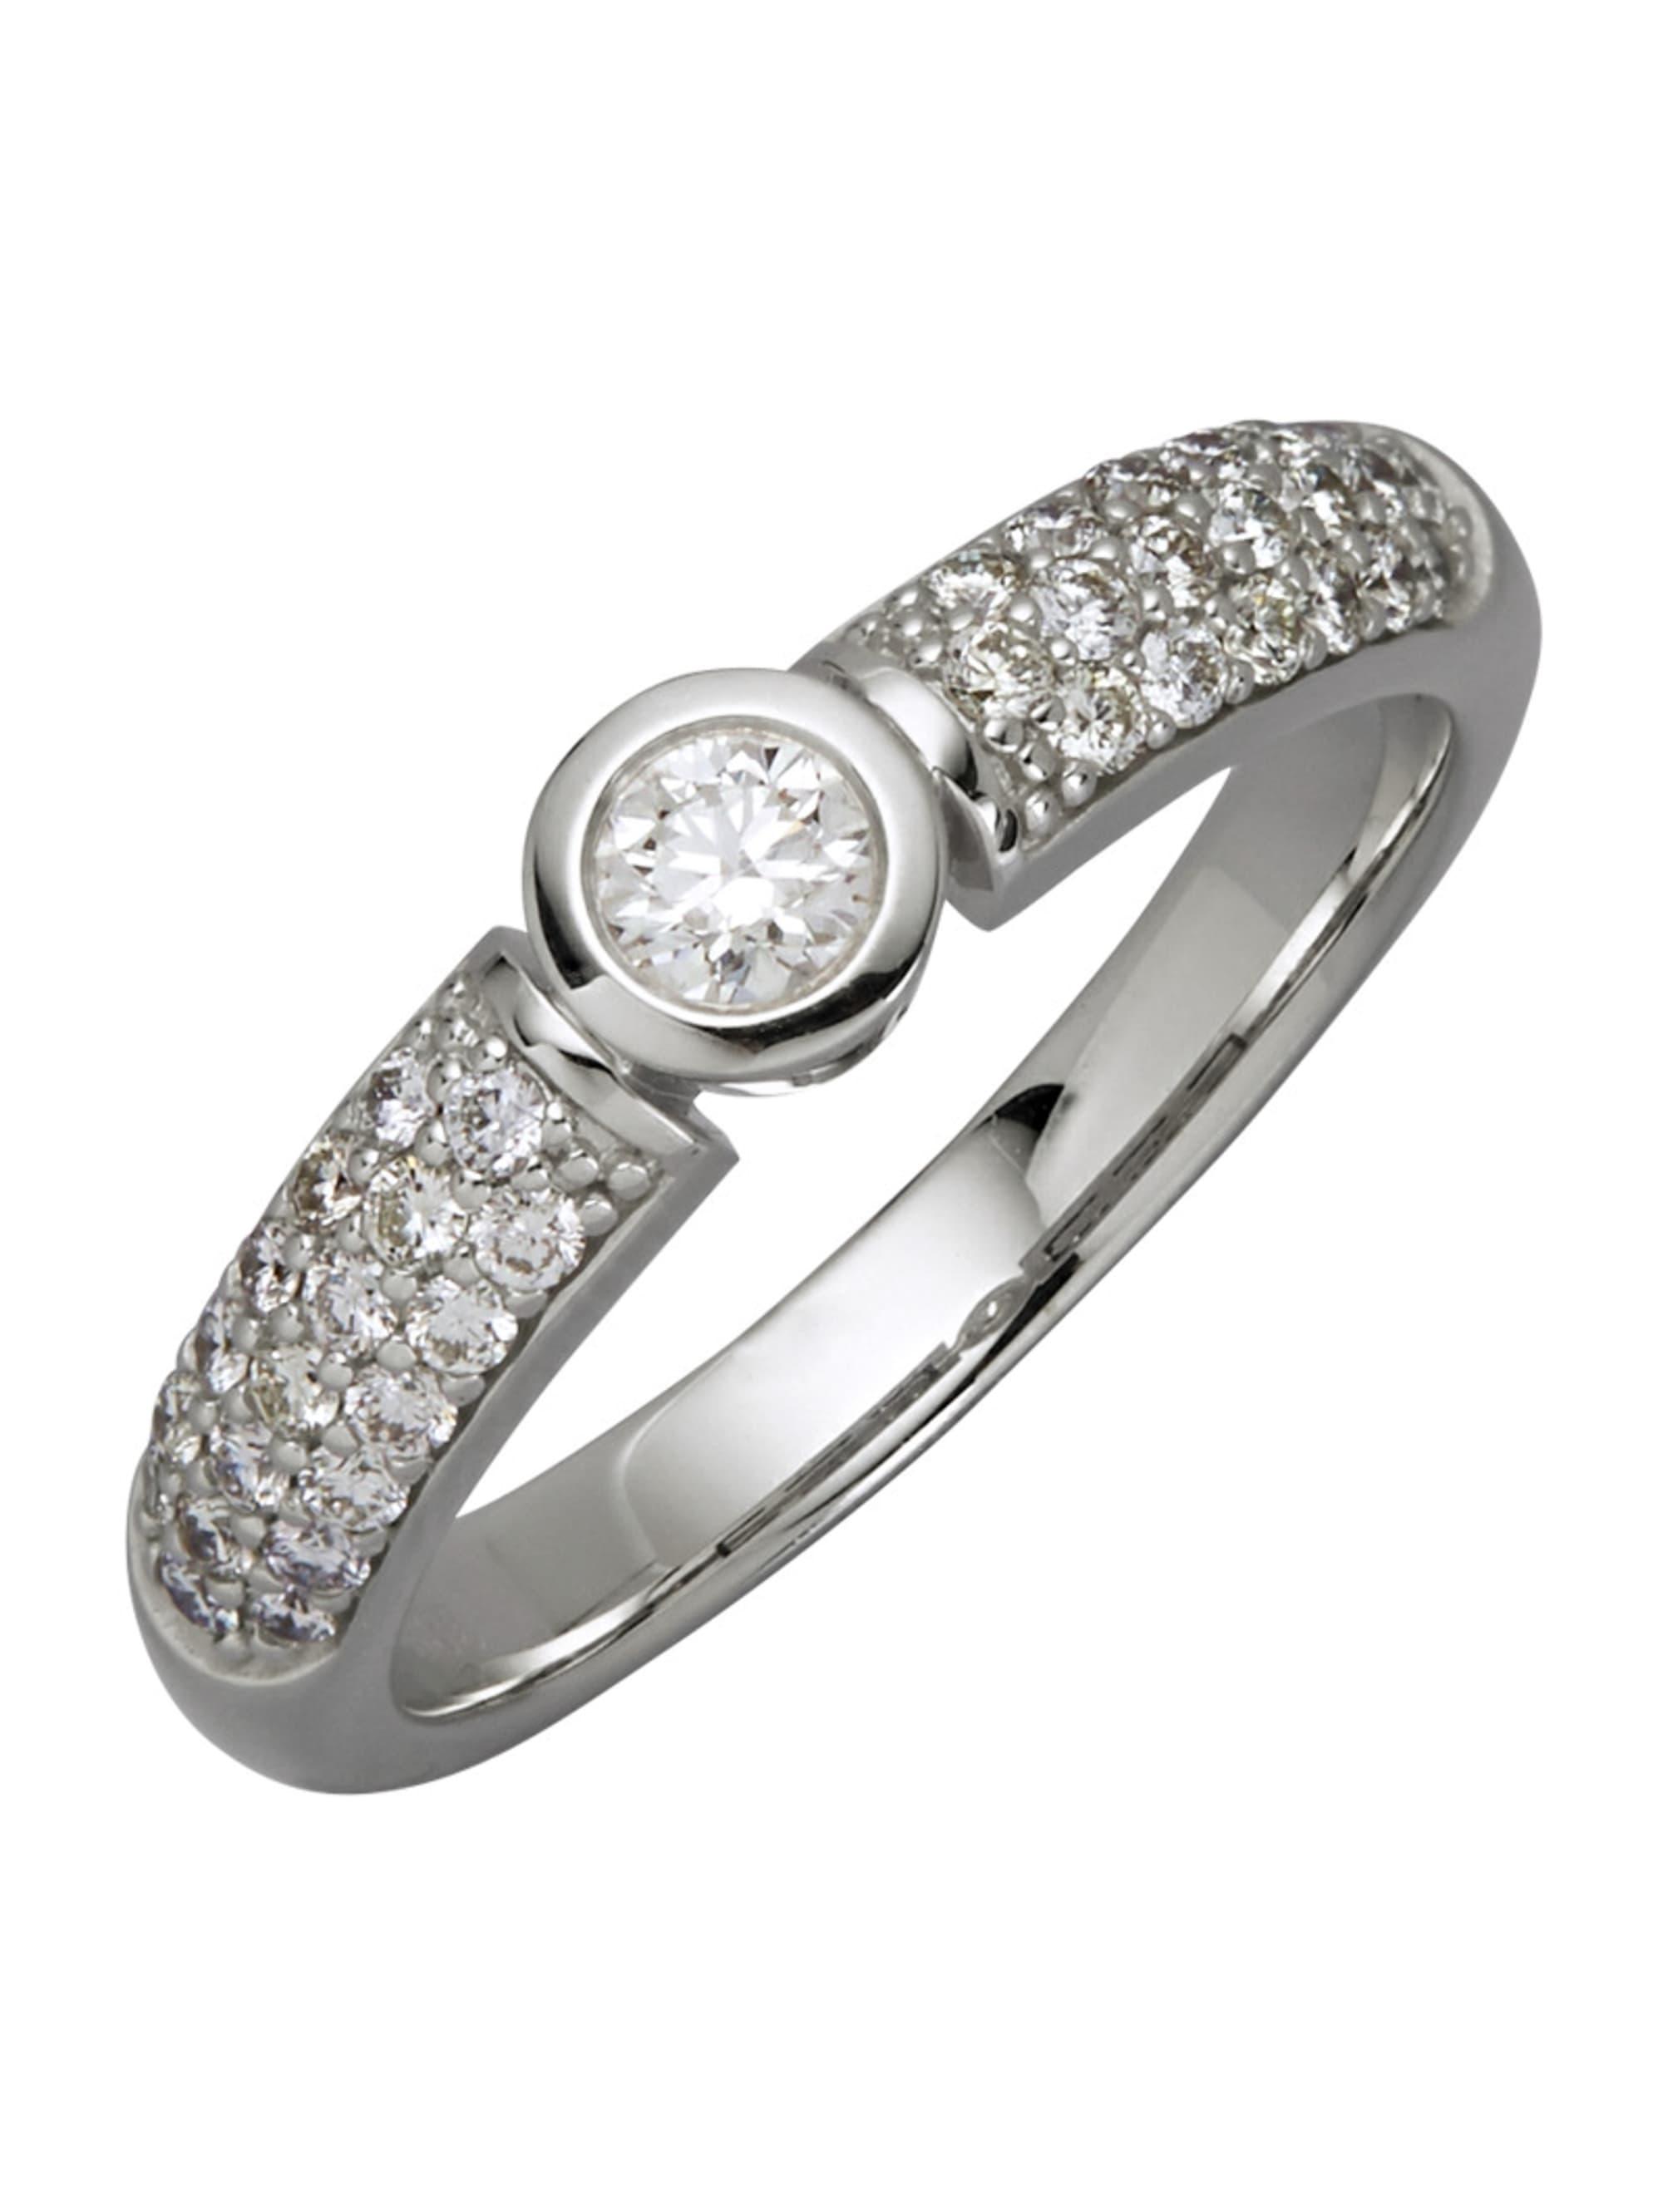 Diemer Diamant Damenring mit Brillanten lgxL3